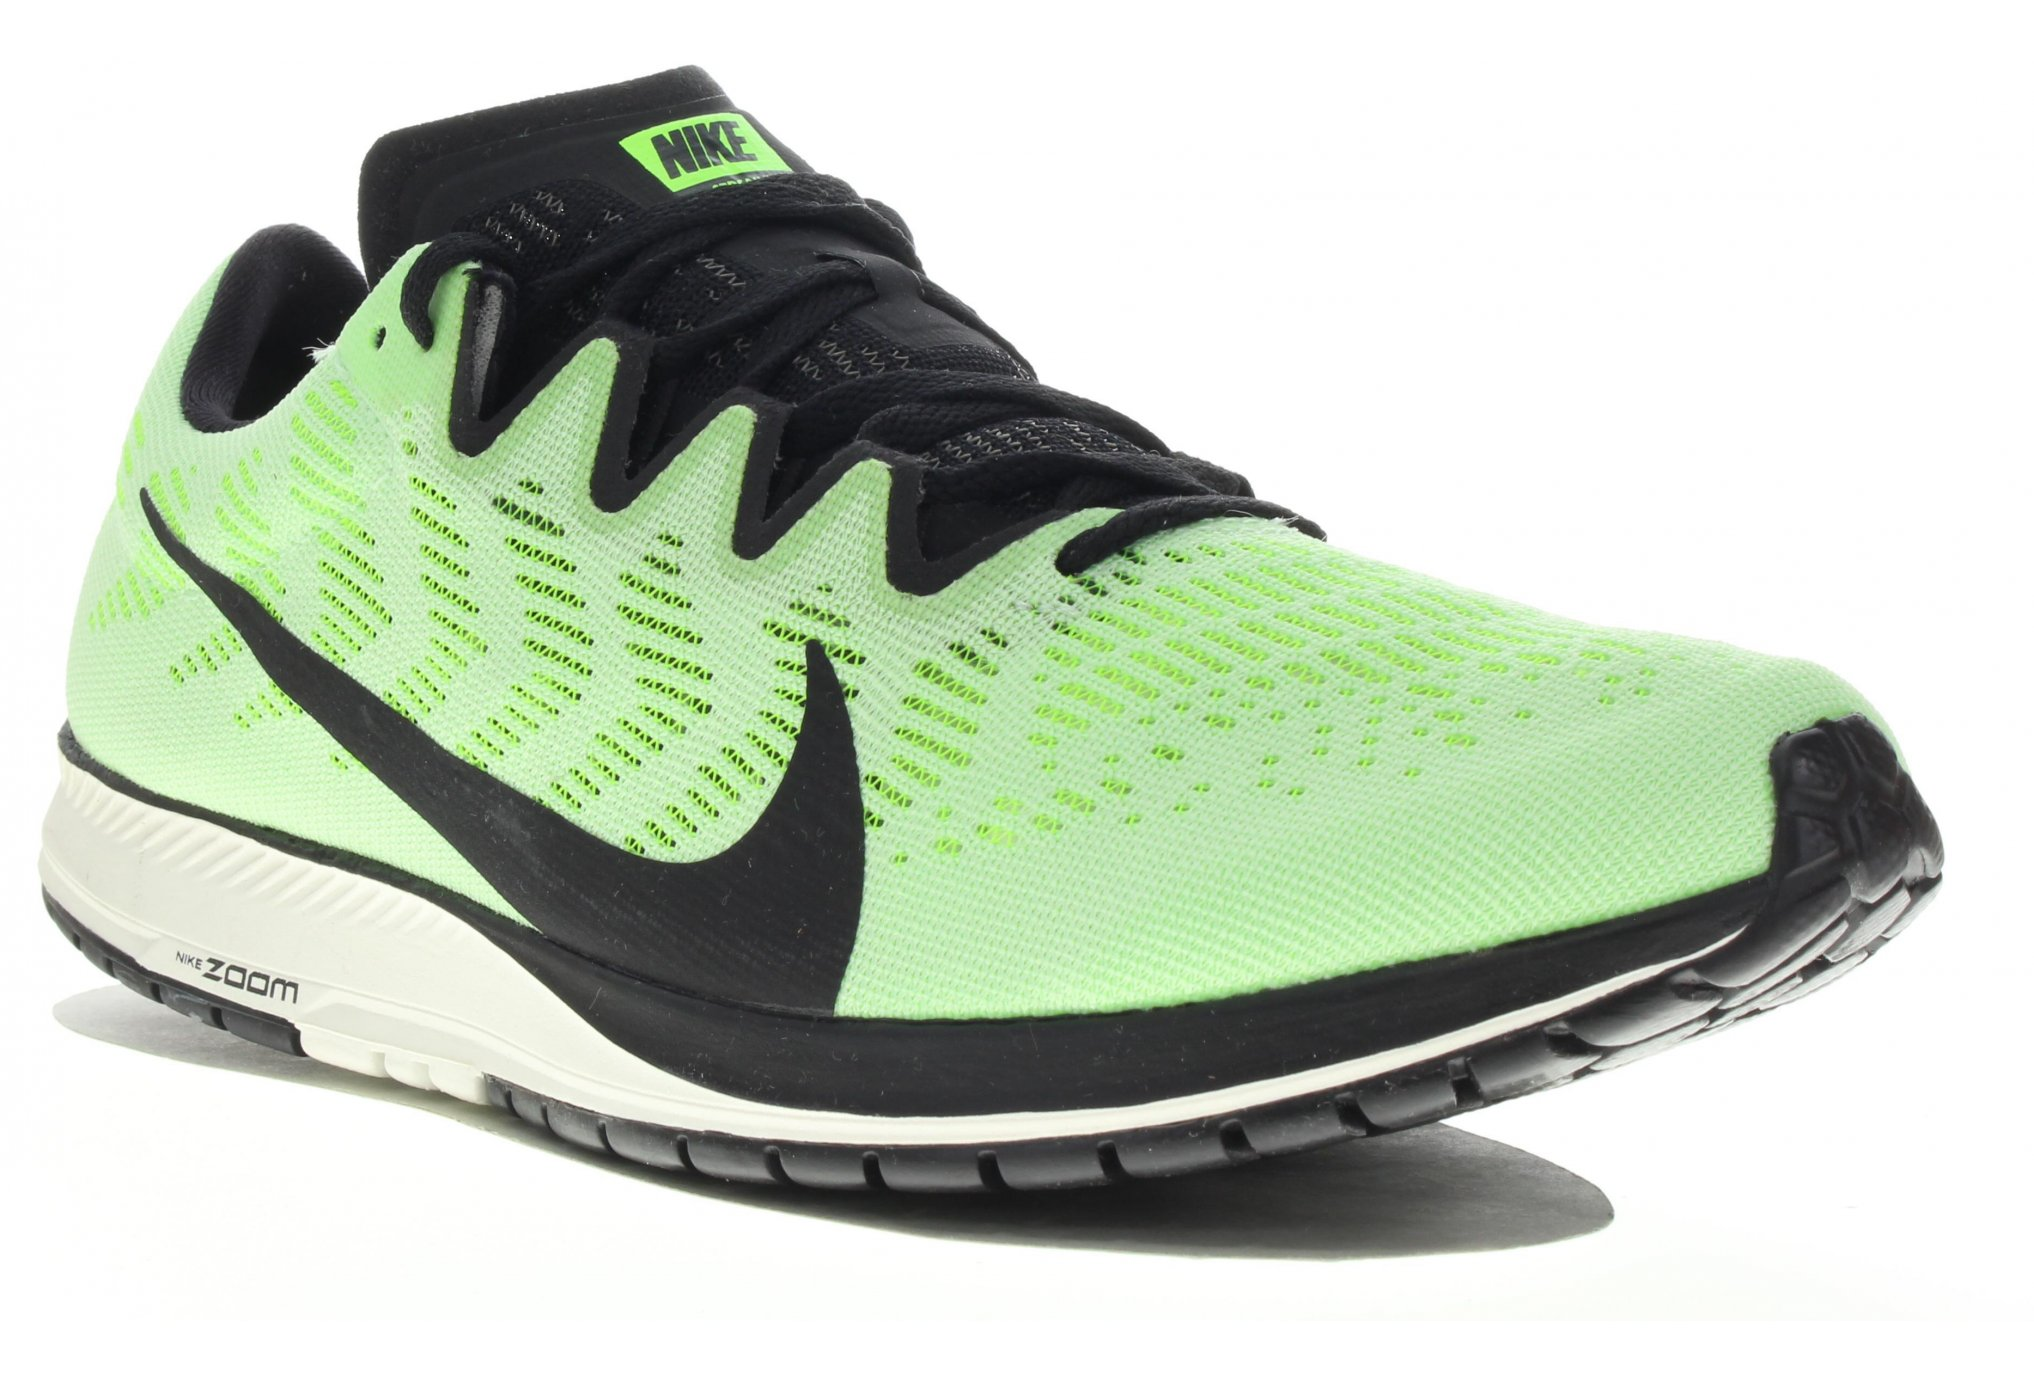 Nike Air Zoom Streak 7 M Chaussures homme